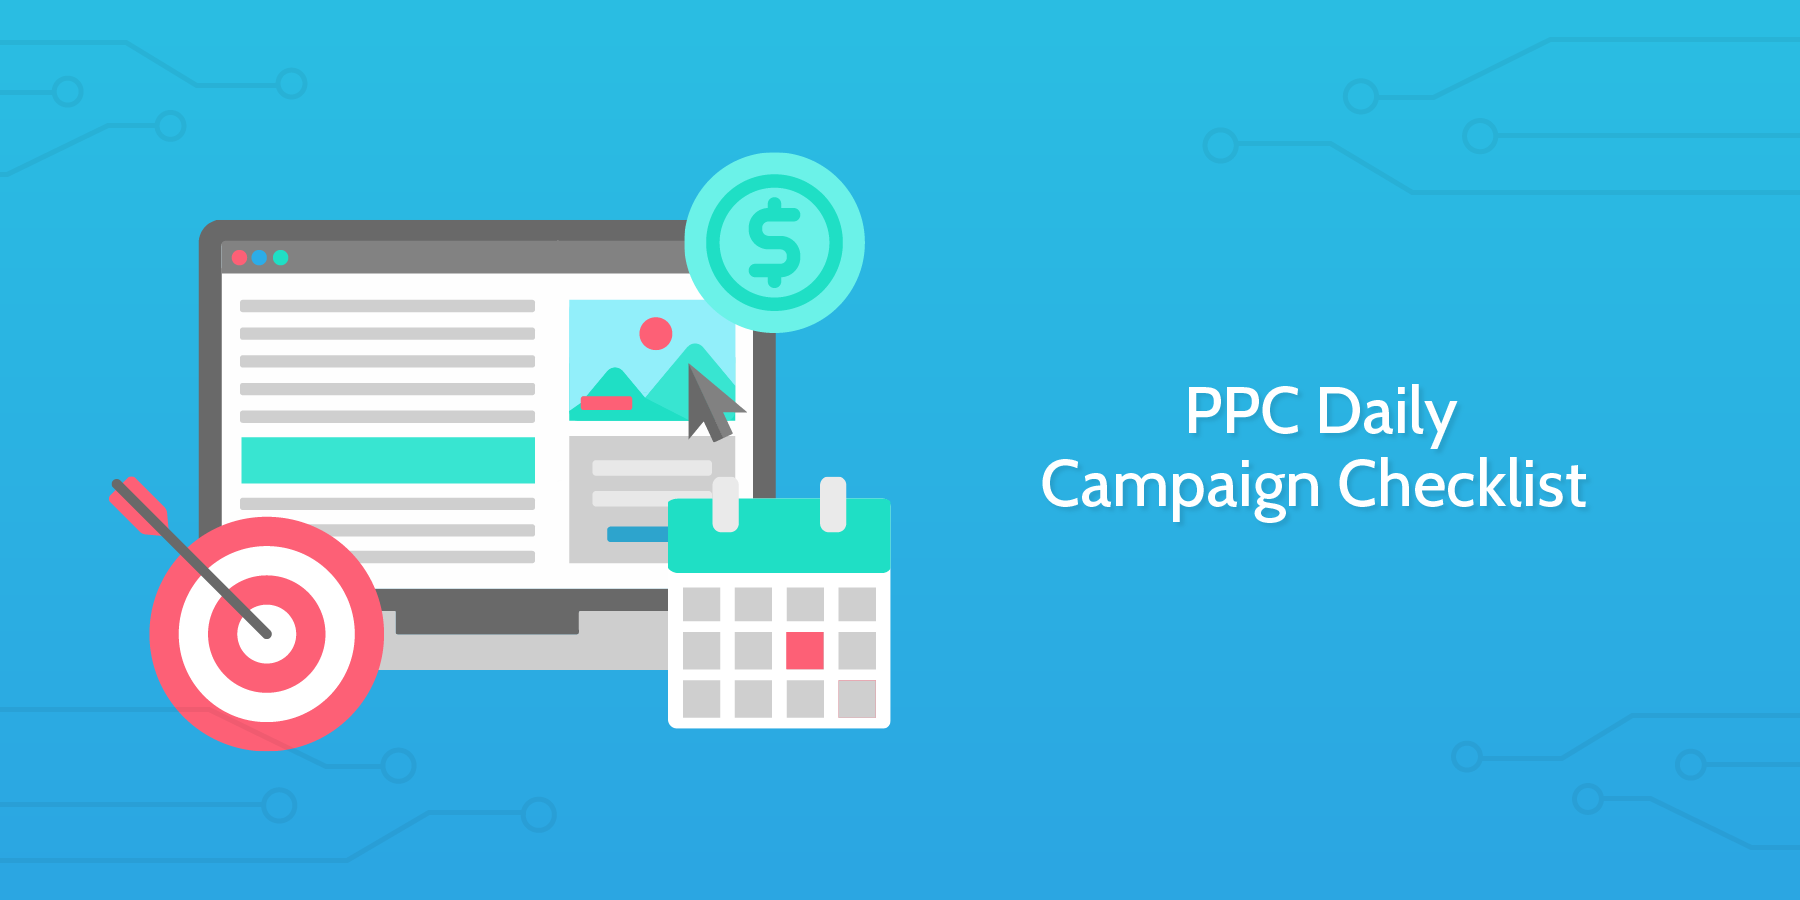 PPC Daily Campaign Checklist